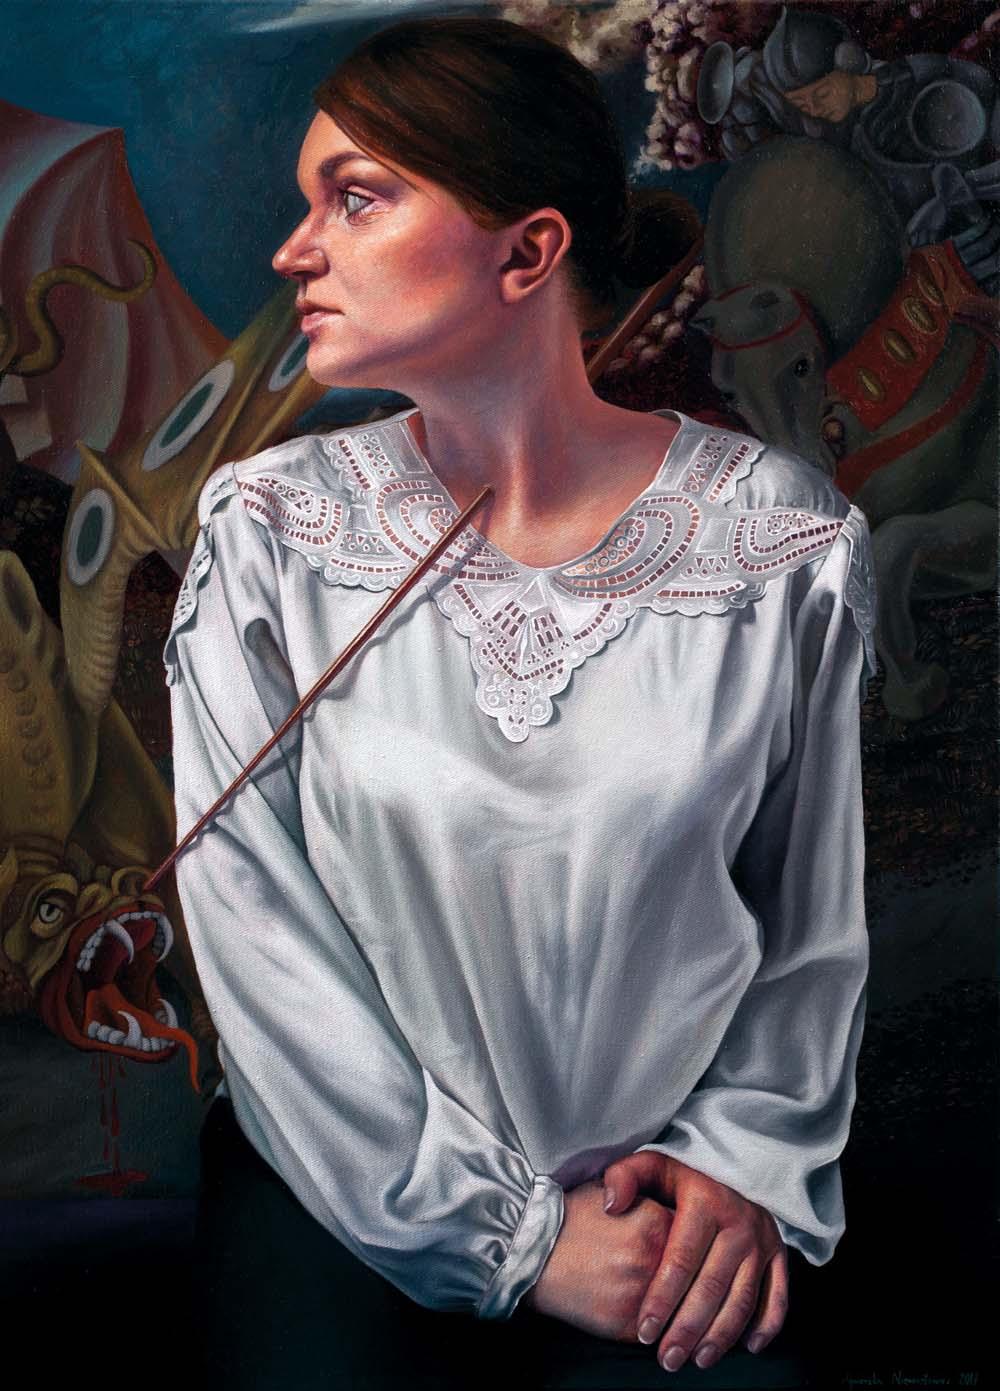 Agnieszka Nienartowicz, Killing the dragon, olej na płótnie, 70 x 50 cm